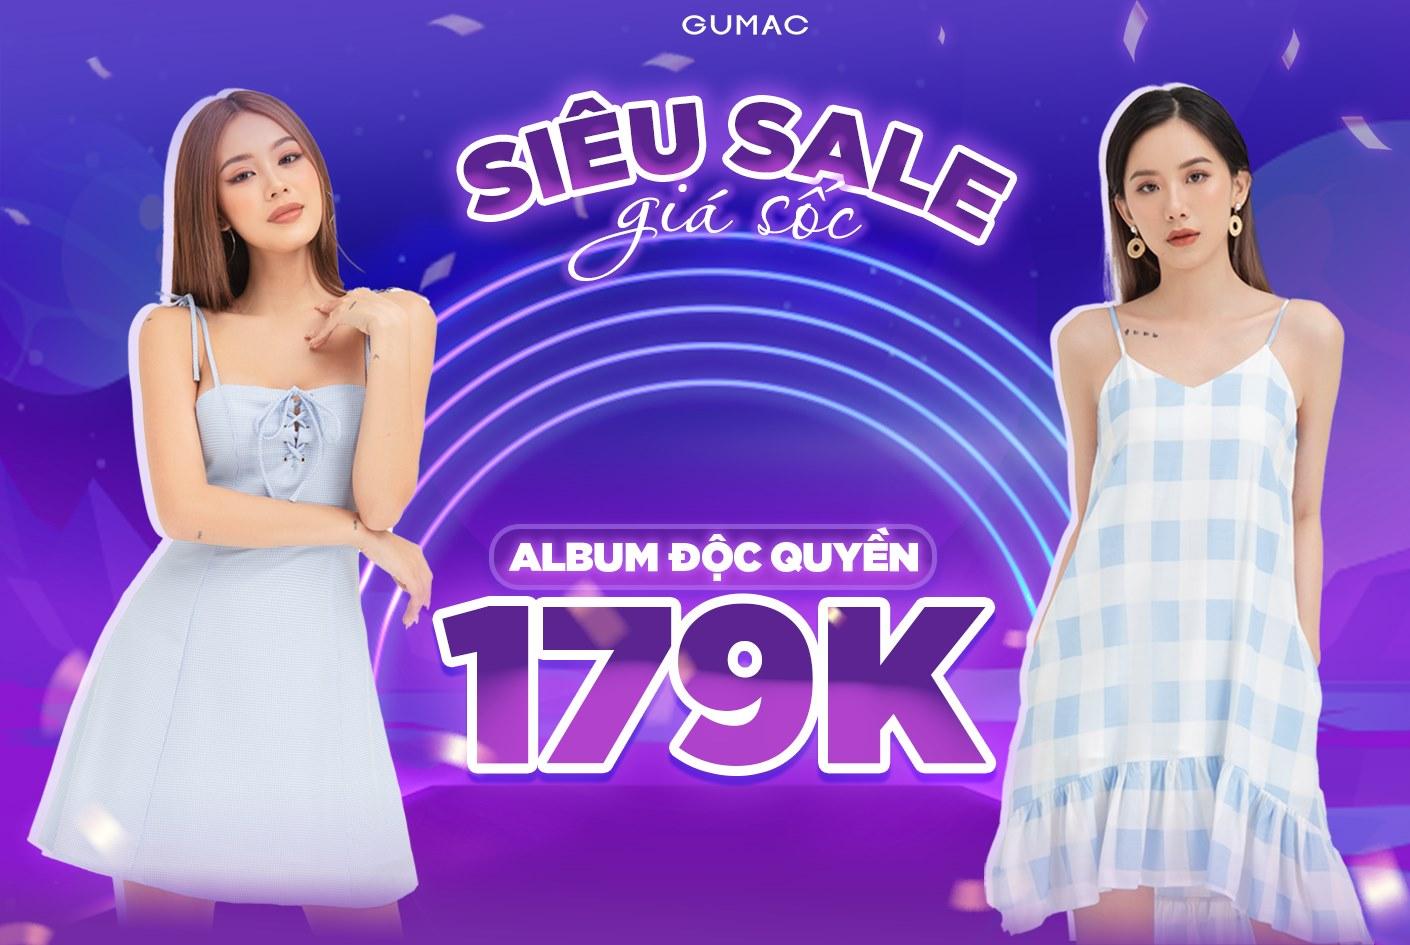 GUMAC Sale Cực Lớn - Đồng Giá Chỉ 179K